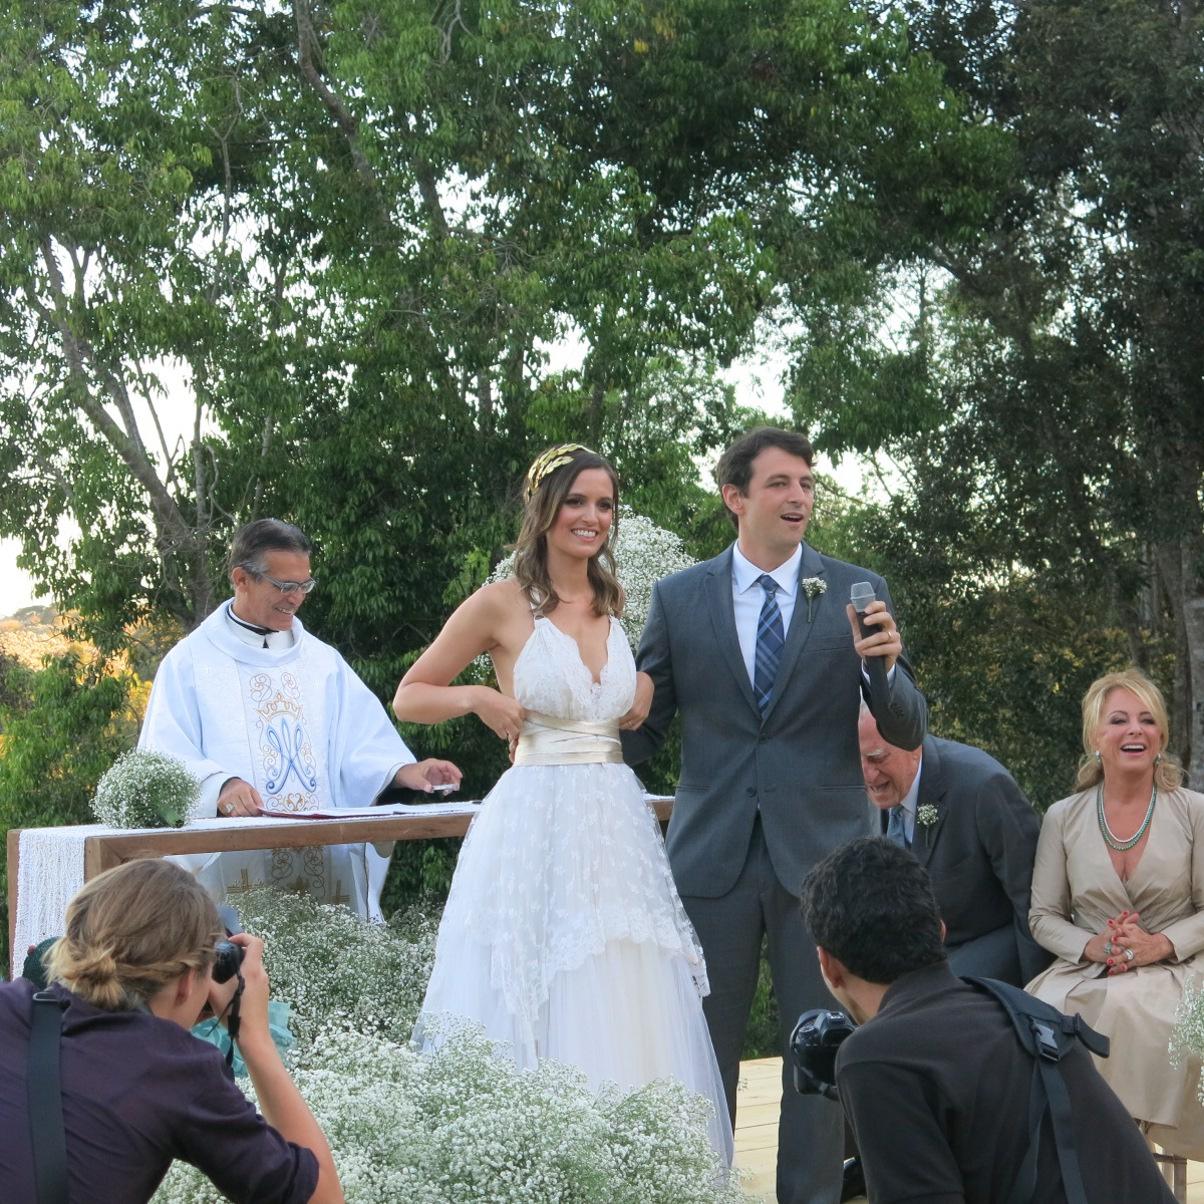 O casamento de marco Antonio Oliveira Santos e Chloe Lerina em Pedra Azul no Espírito Santo